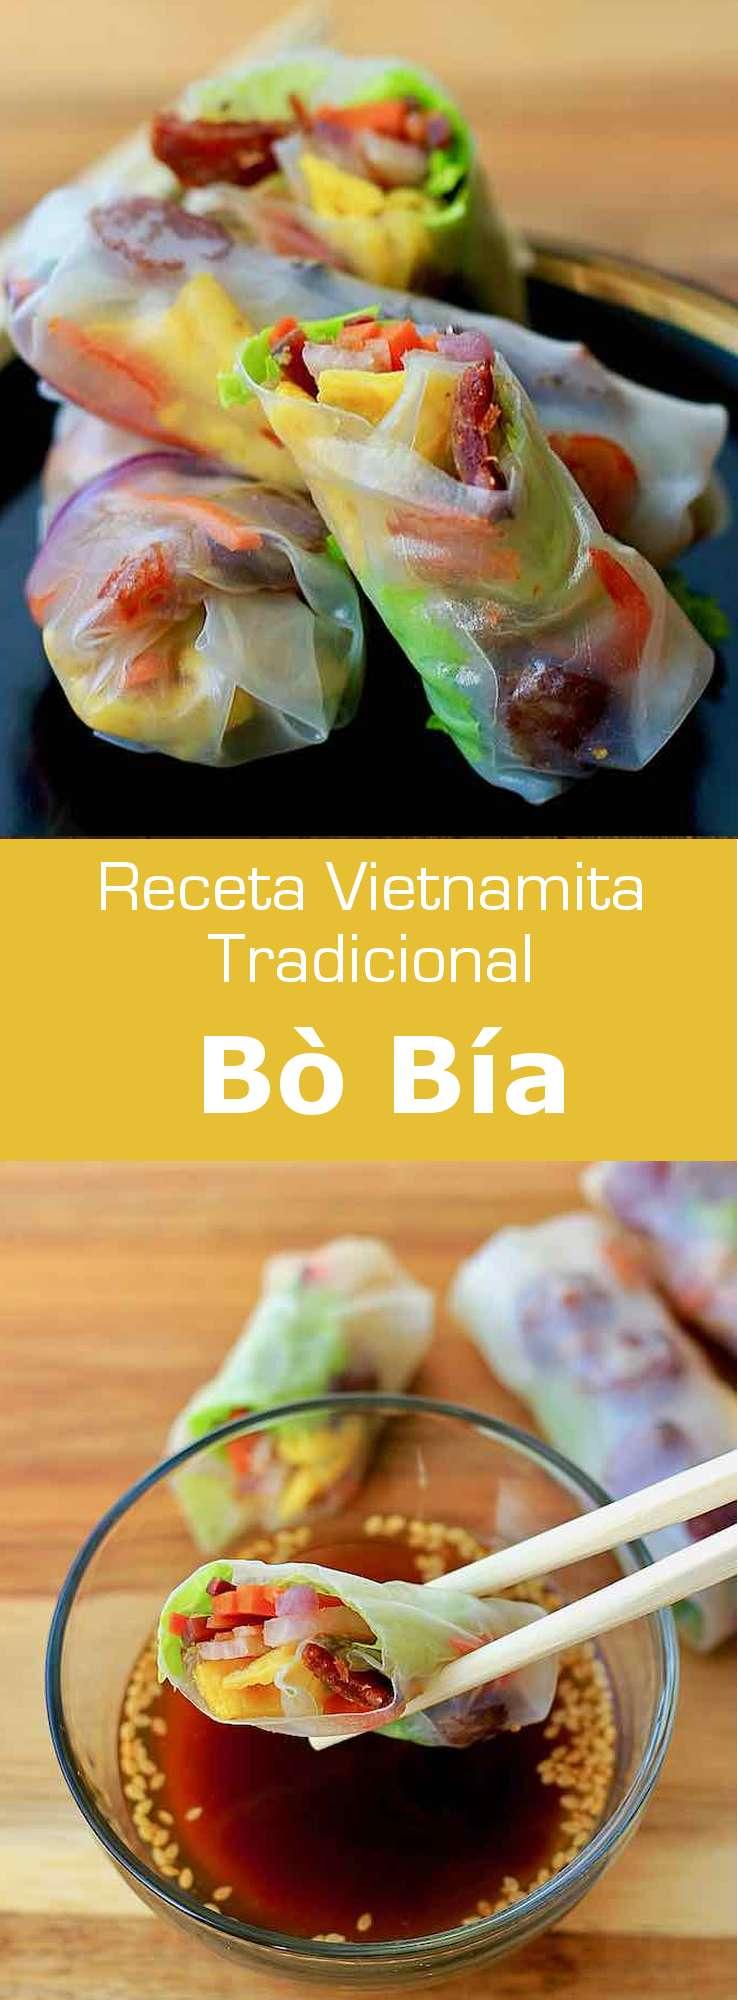 El bò bía es la variante vietnamita del popiah, un rollito de primavera muy popular en Taiwán, Singapur, Malasia, Tailandia y Myanmar.